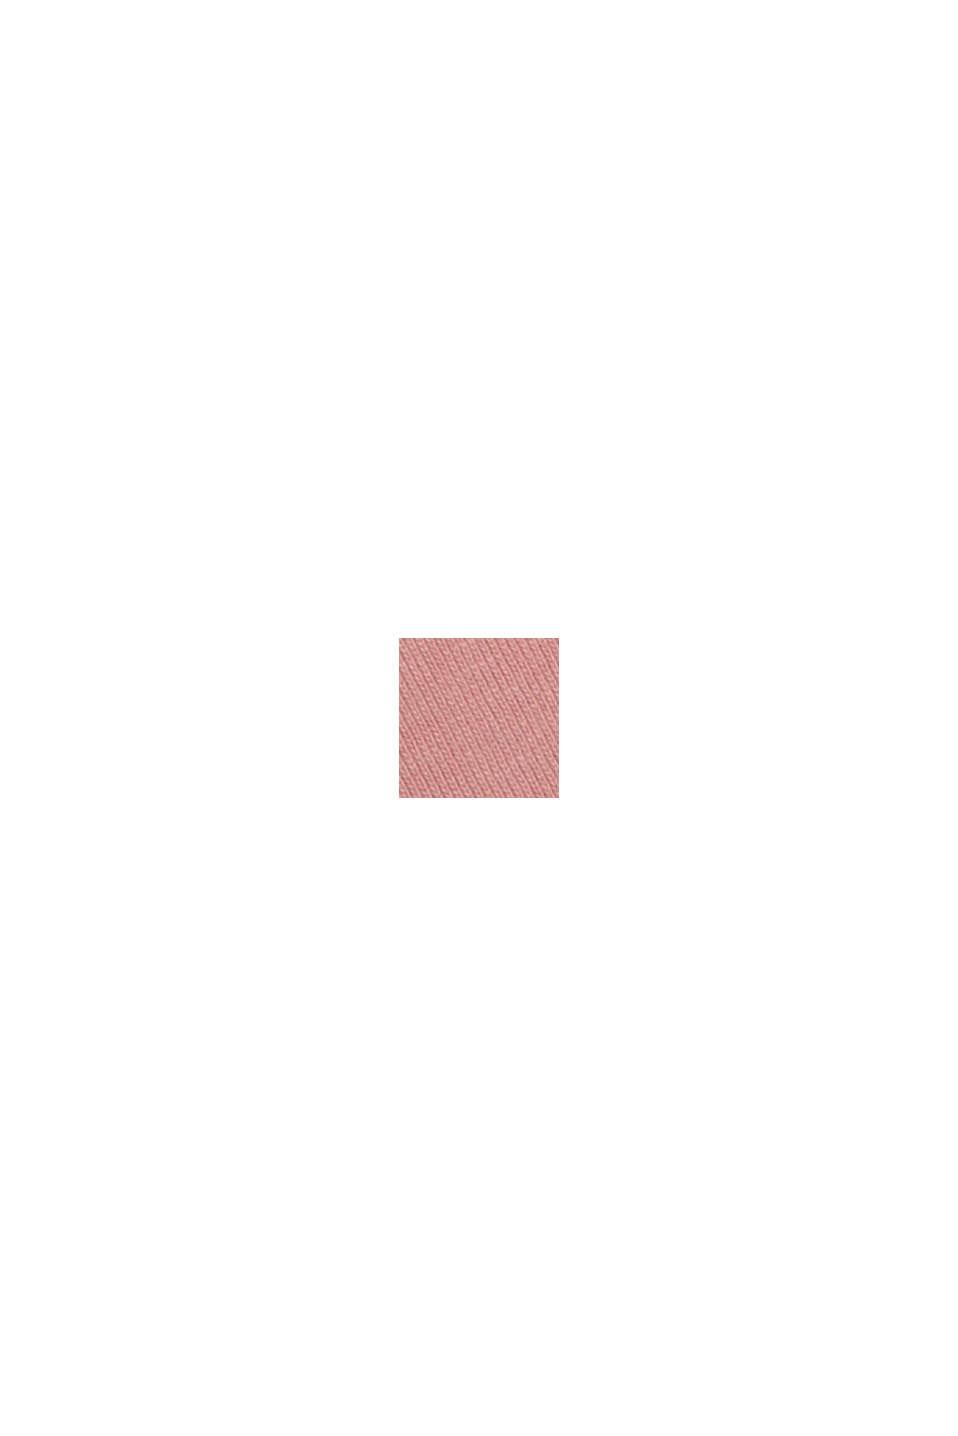 Maglia senza maniche con coulisse, cotone biologico, OLD PINK, swatch